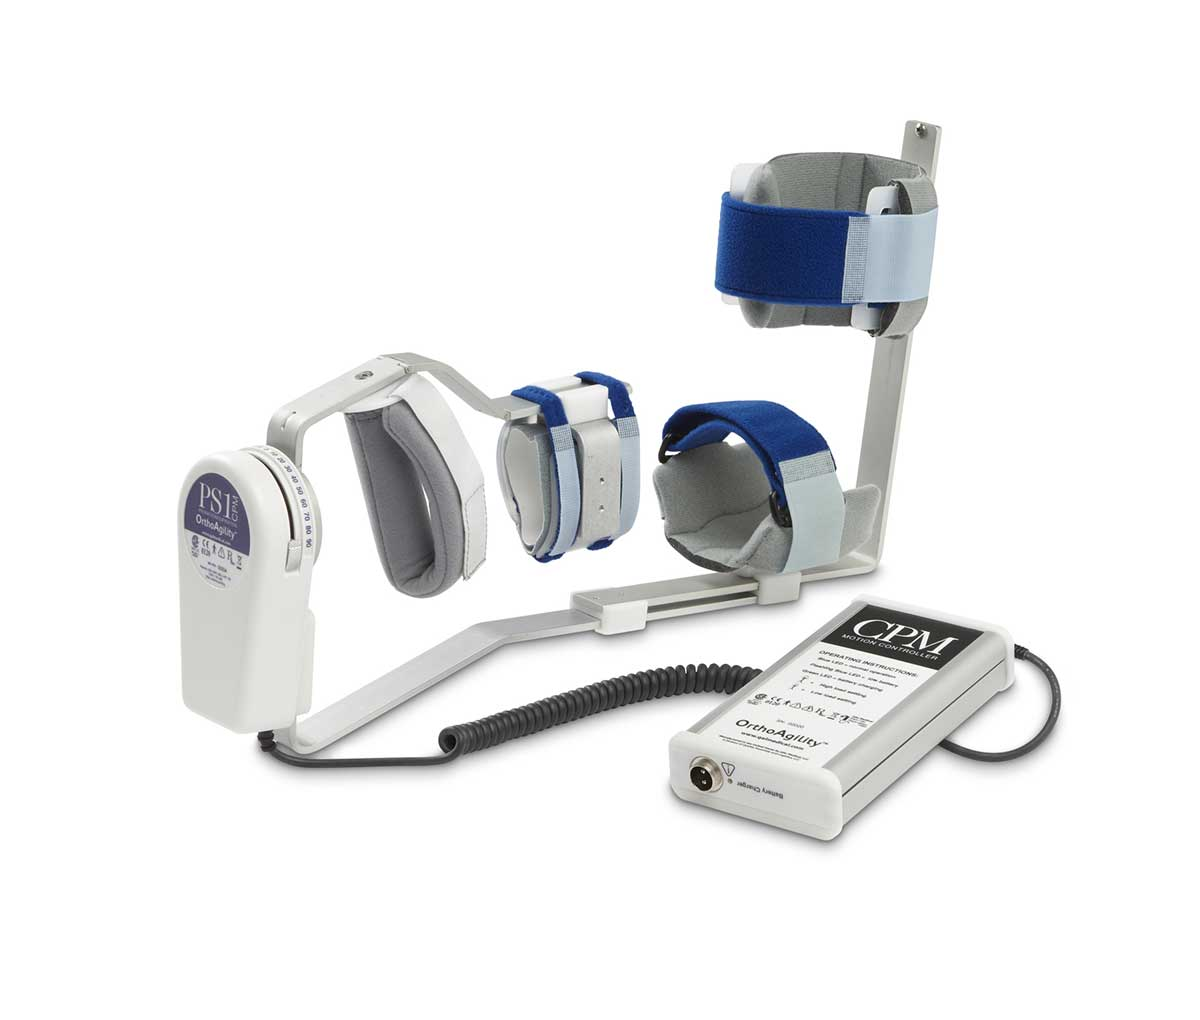 Тренажер для пасивної розробки передпліччя CPM PS1 без пацієнта